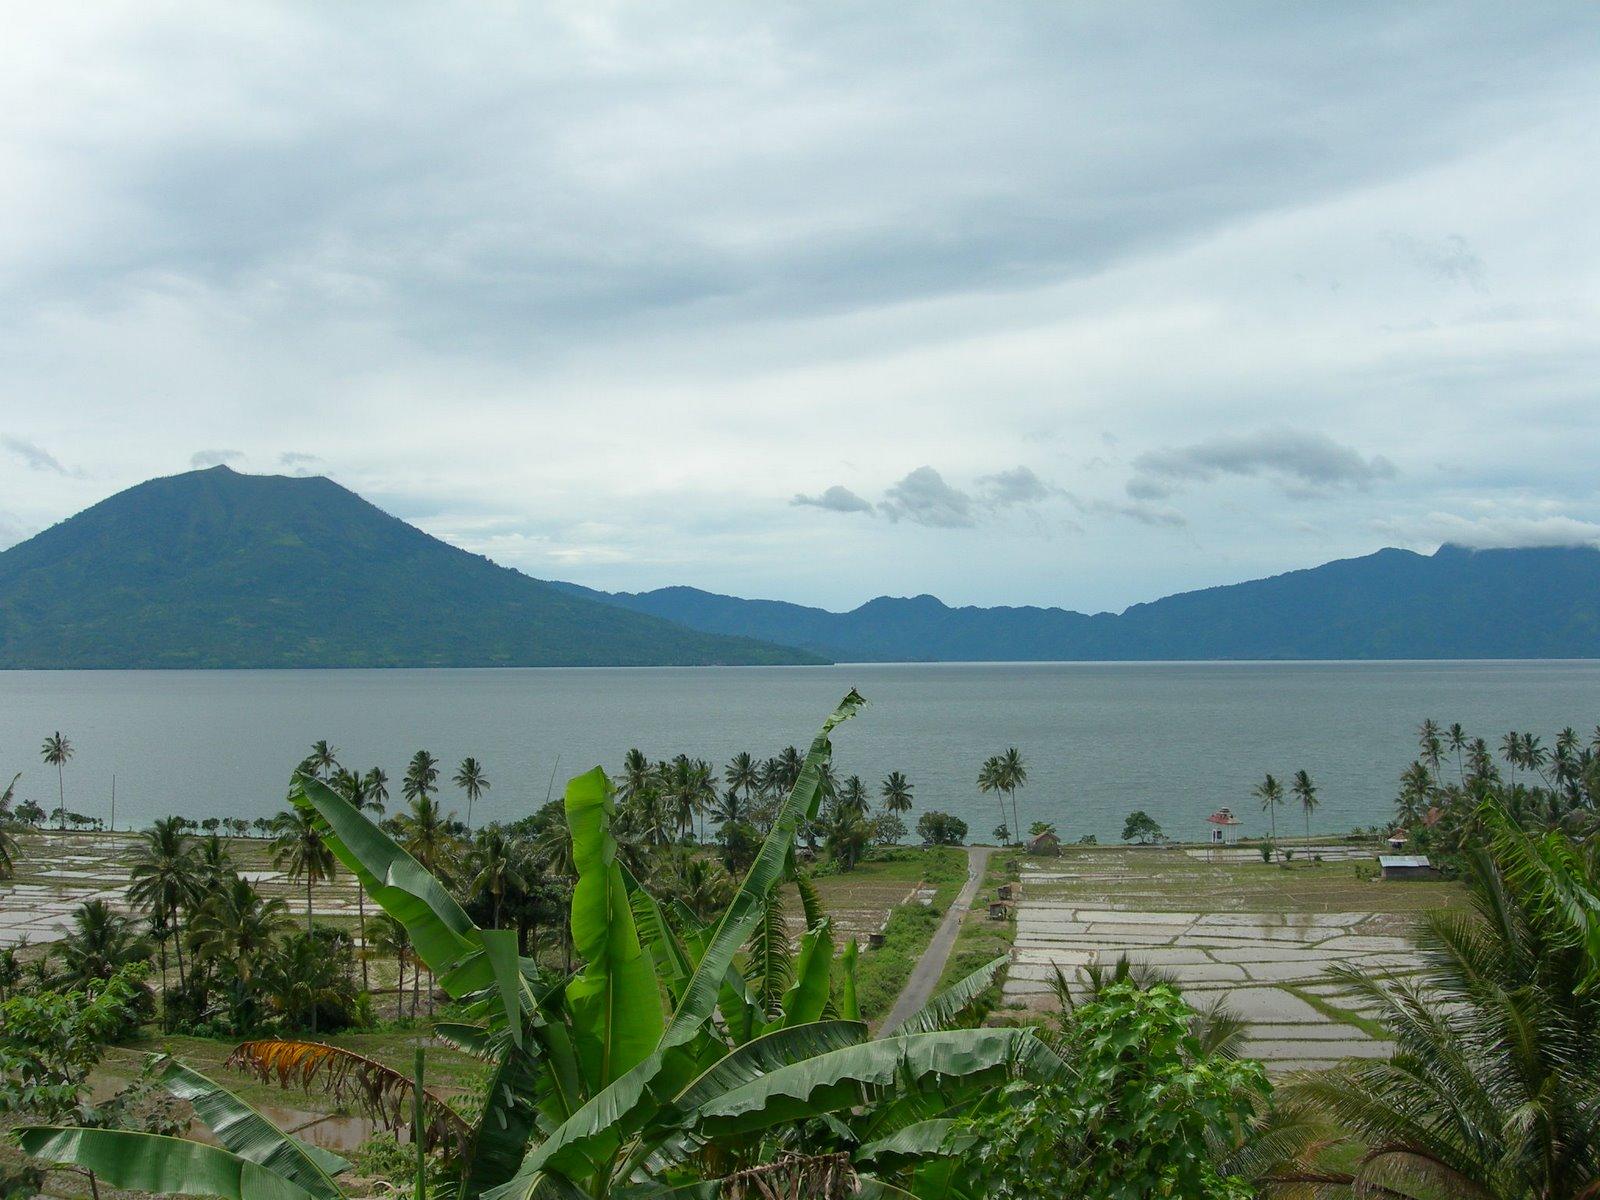 Danau Ranau Wisata Palembang Pemandangan Alam Pulau Fantasy Kota